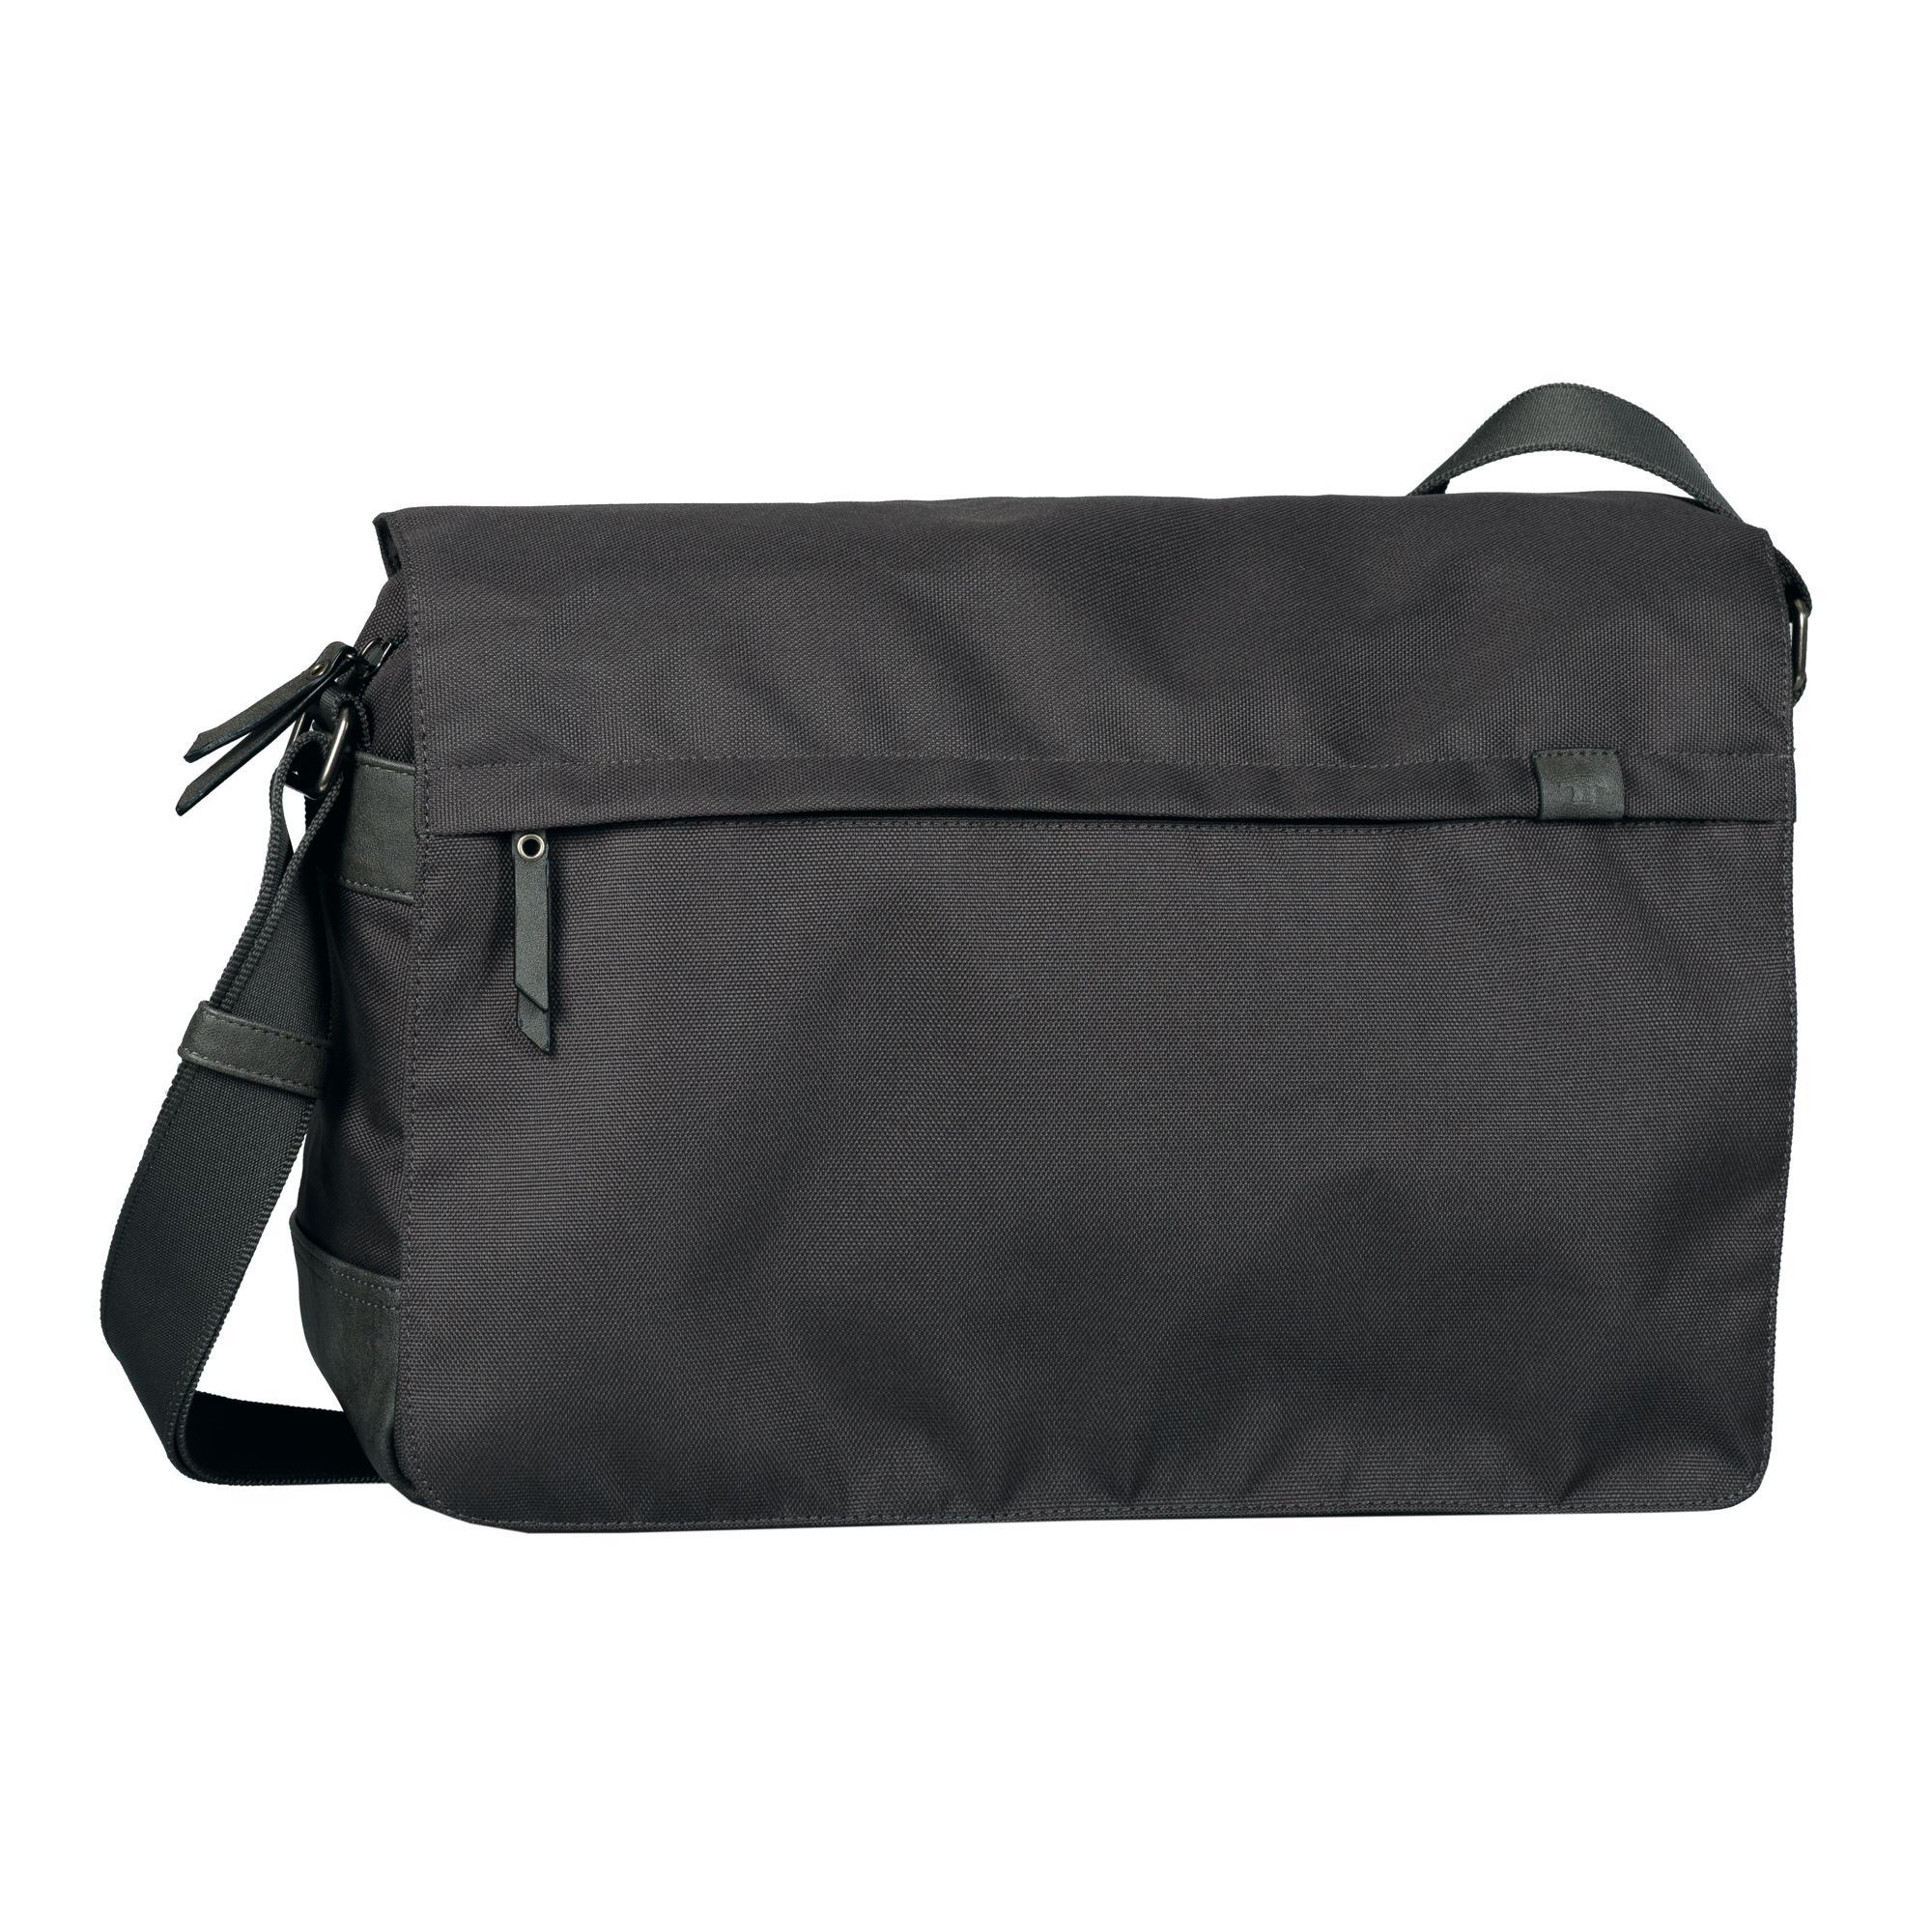 TOM TAILOR Messenger Bag Simon   Taschen > Business Taschen > Messenger Bags   Grau   Tom Tailor